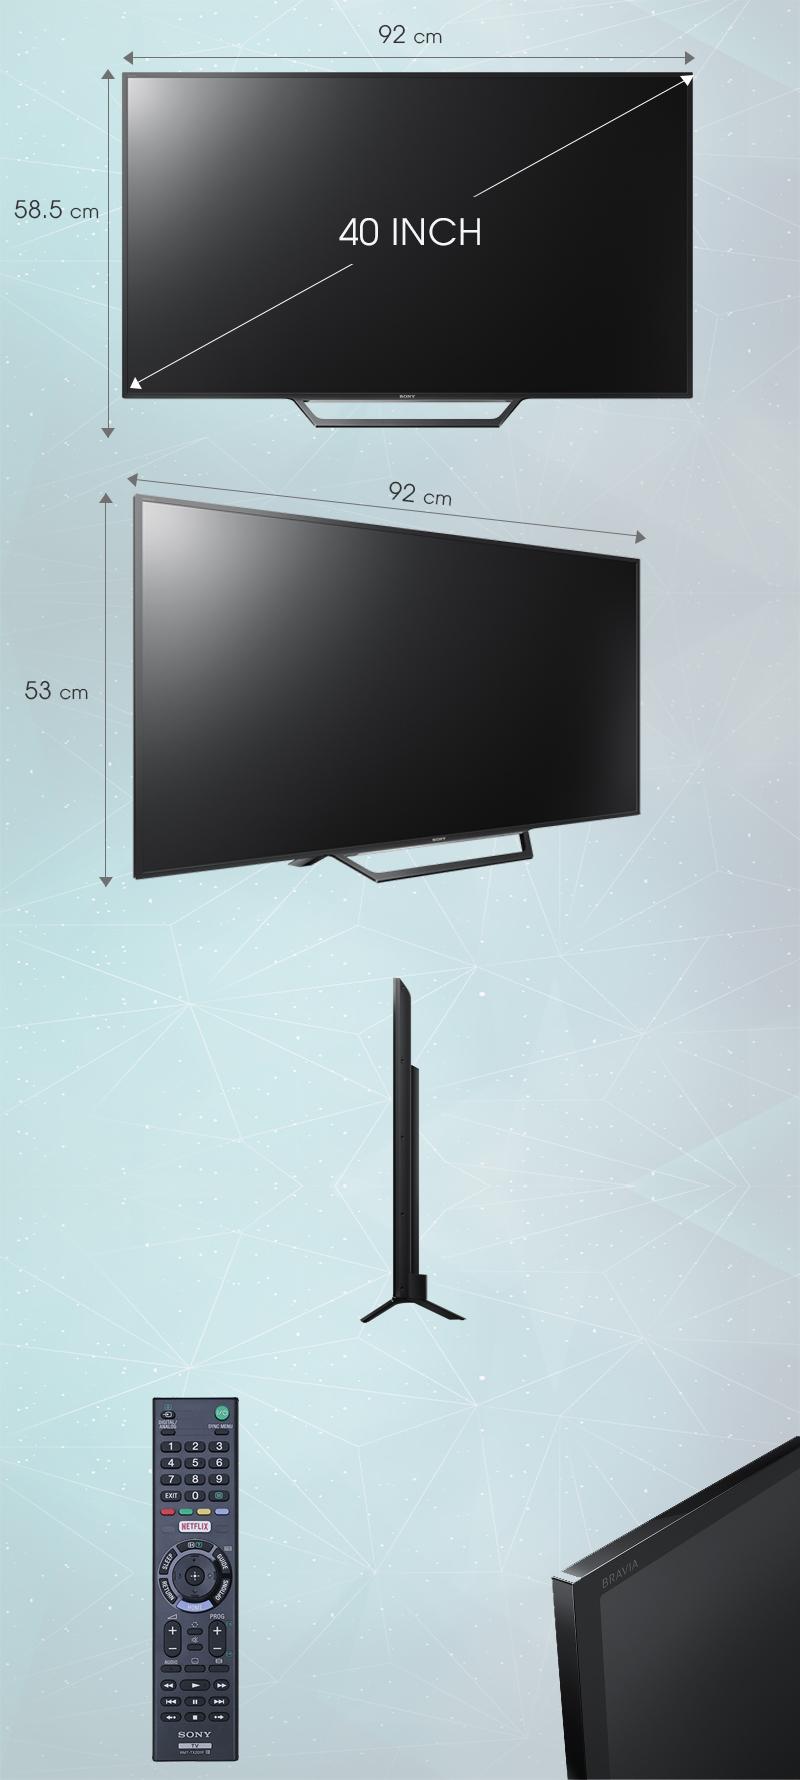 Màn hình của Sony KDL-40W650D